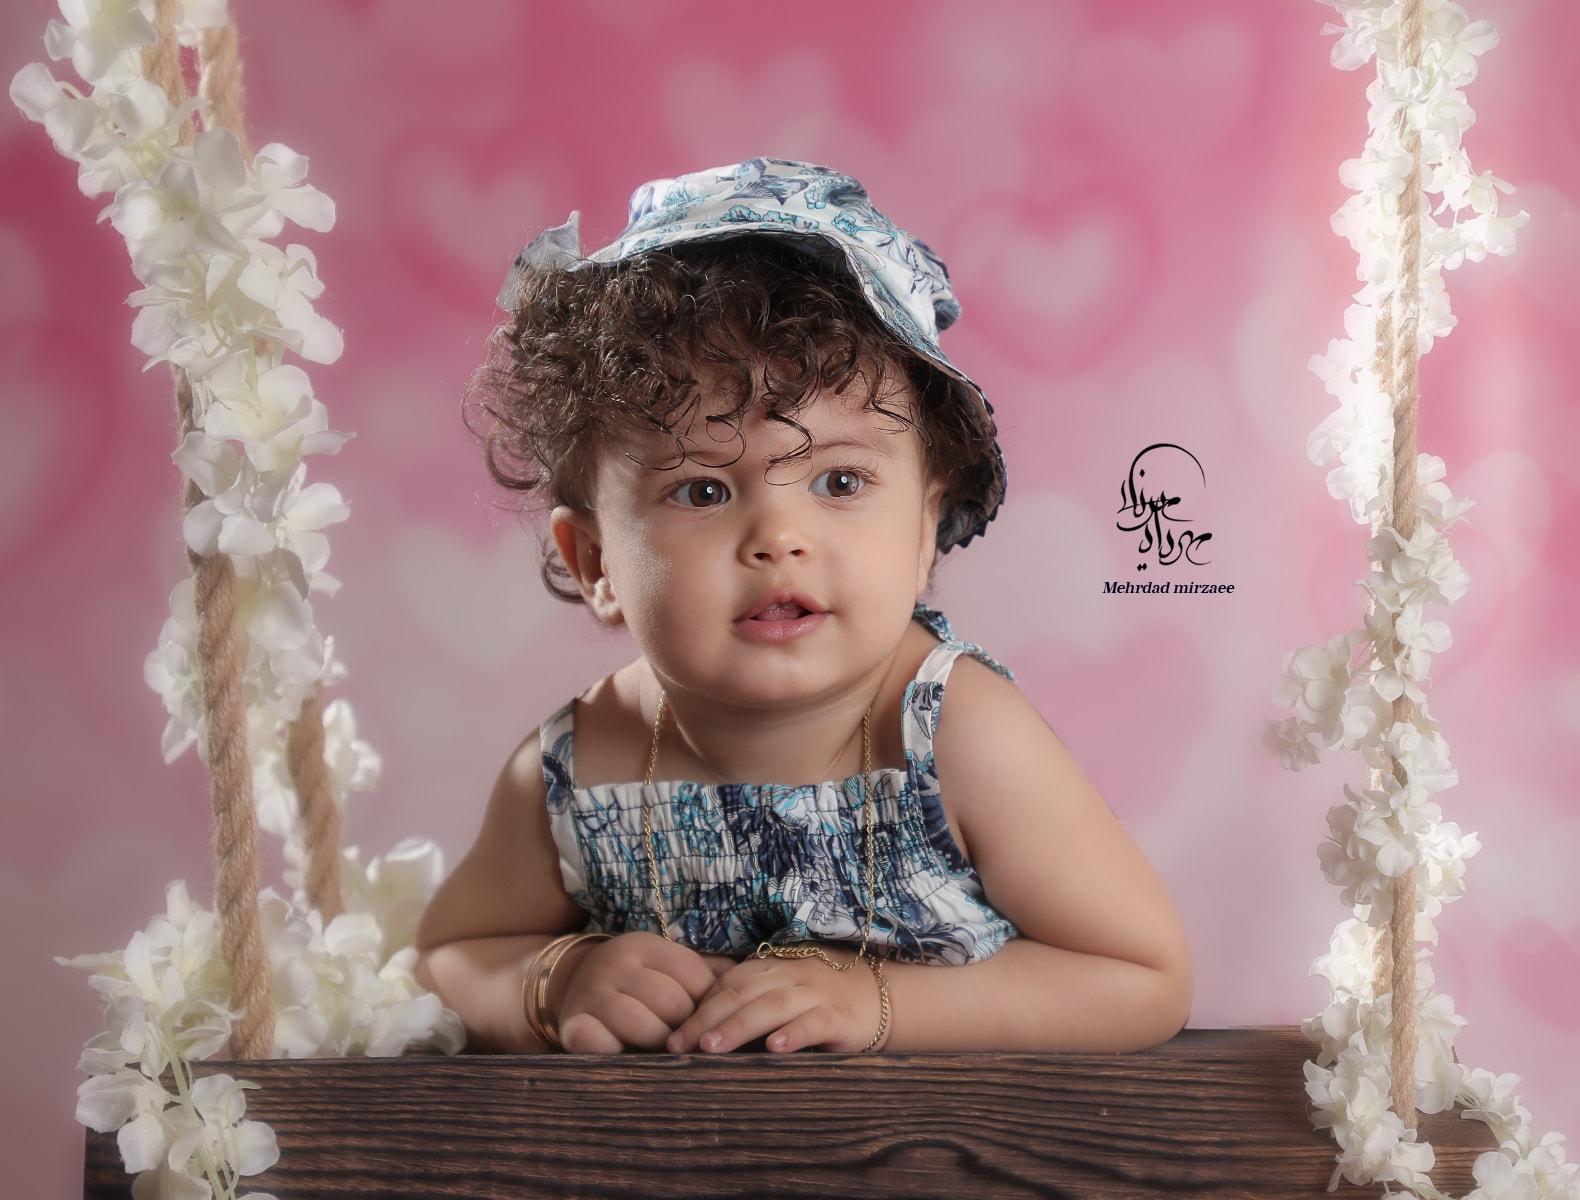 آتلیه کودک در کرج جهانشهر / بهترین آتلیه کودک در کرج/عکس کودک /ژست آتلیه /تم اتلیه کودک /